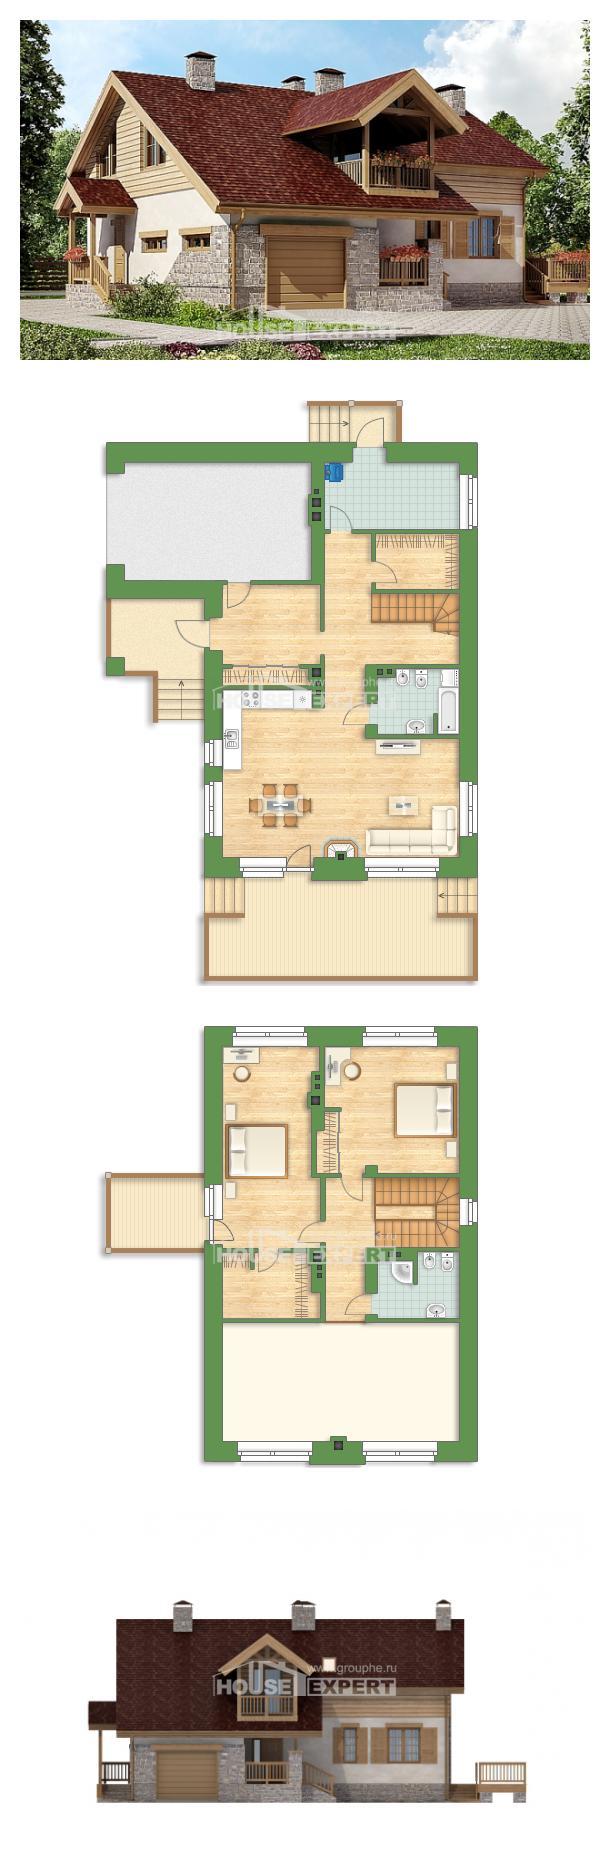 房子的设计 165-002-R | House Expert